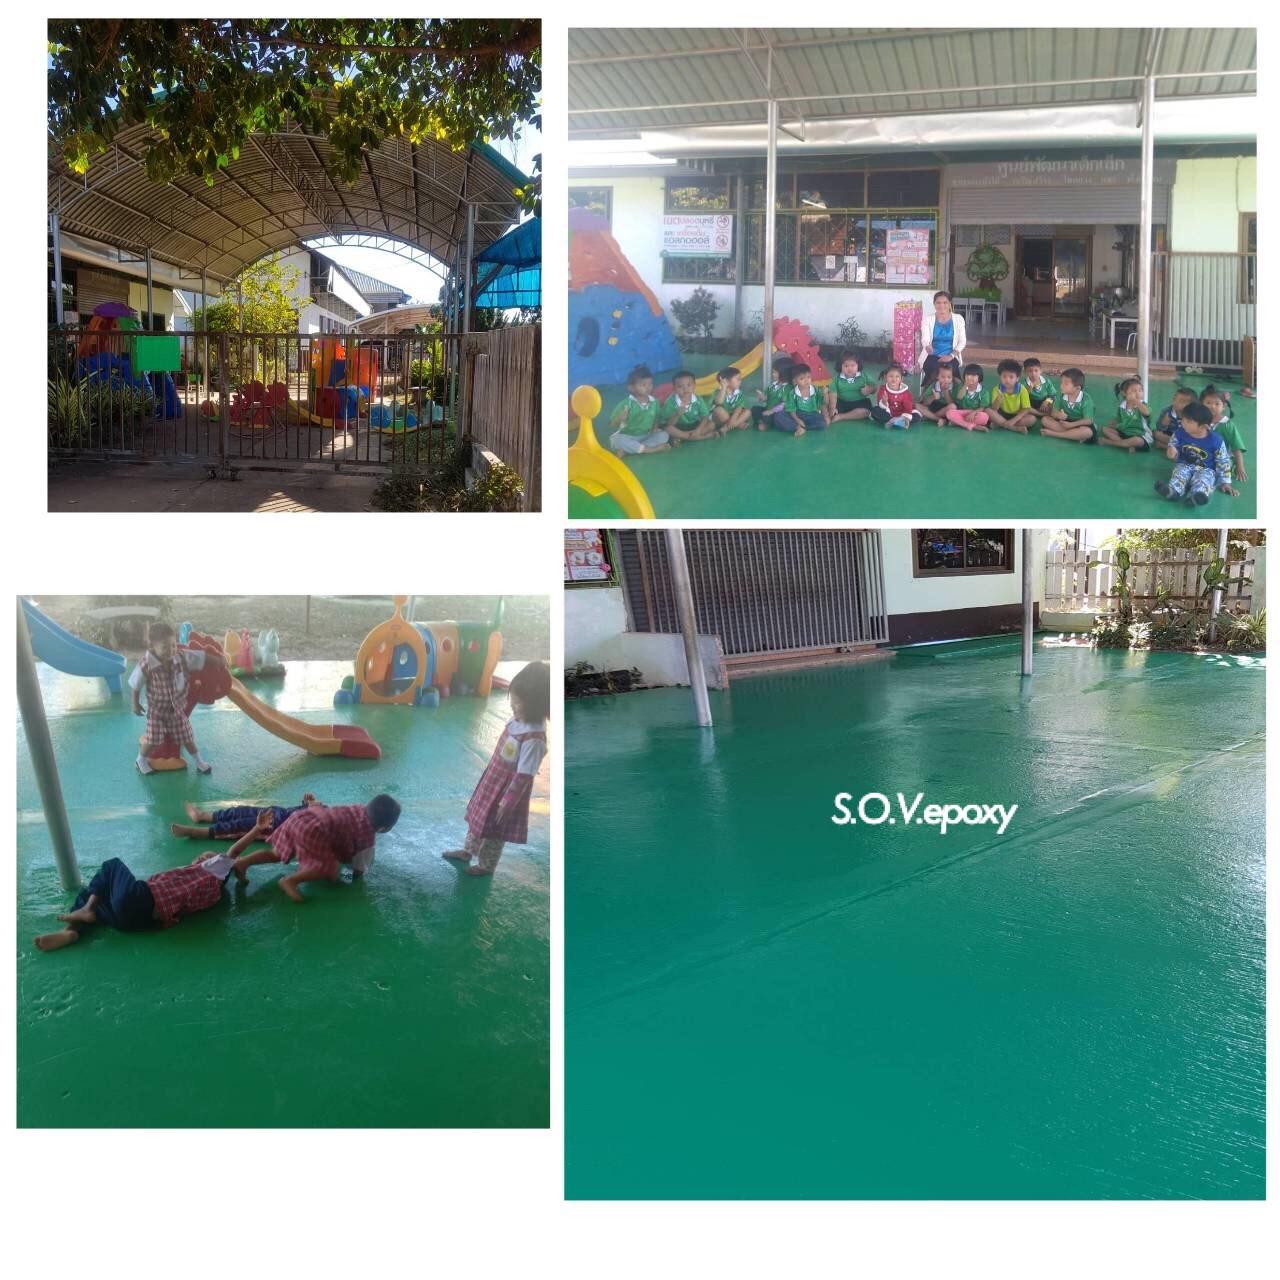 เคลือบพื้น Epoxy Coating ศูนย์พัฒนาเด็กเล็ก